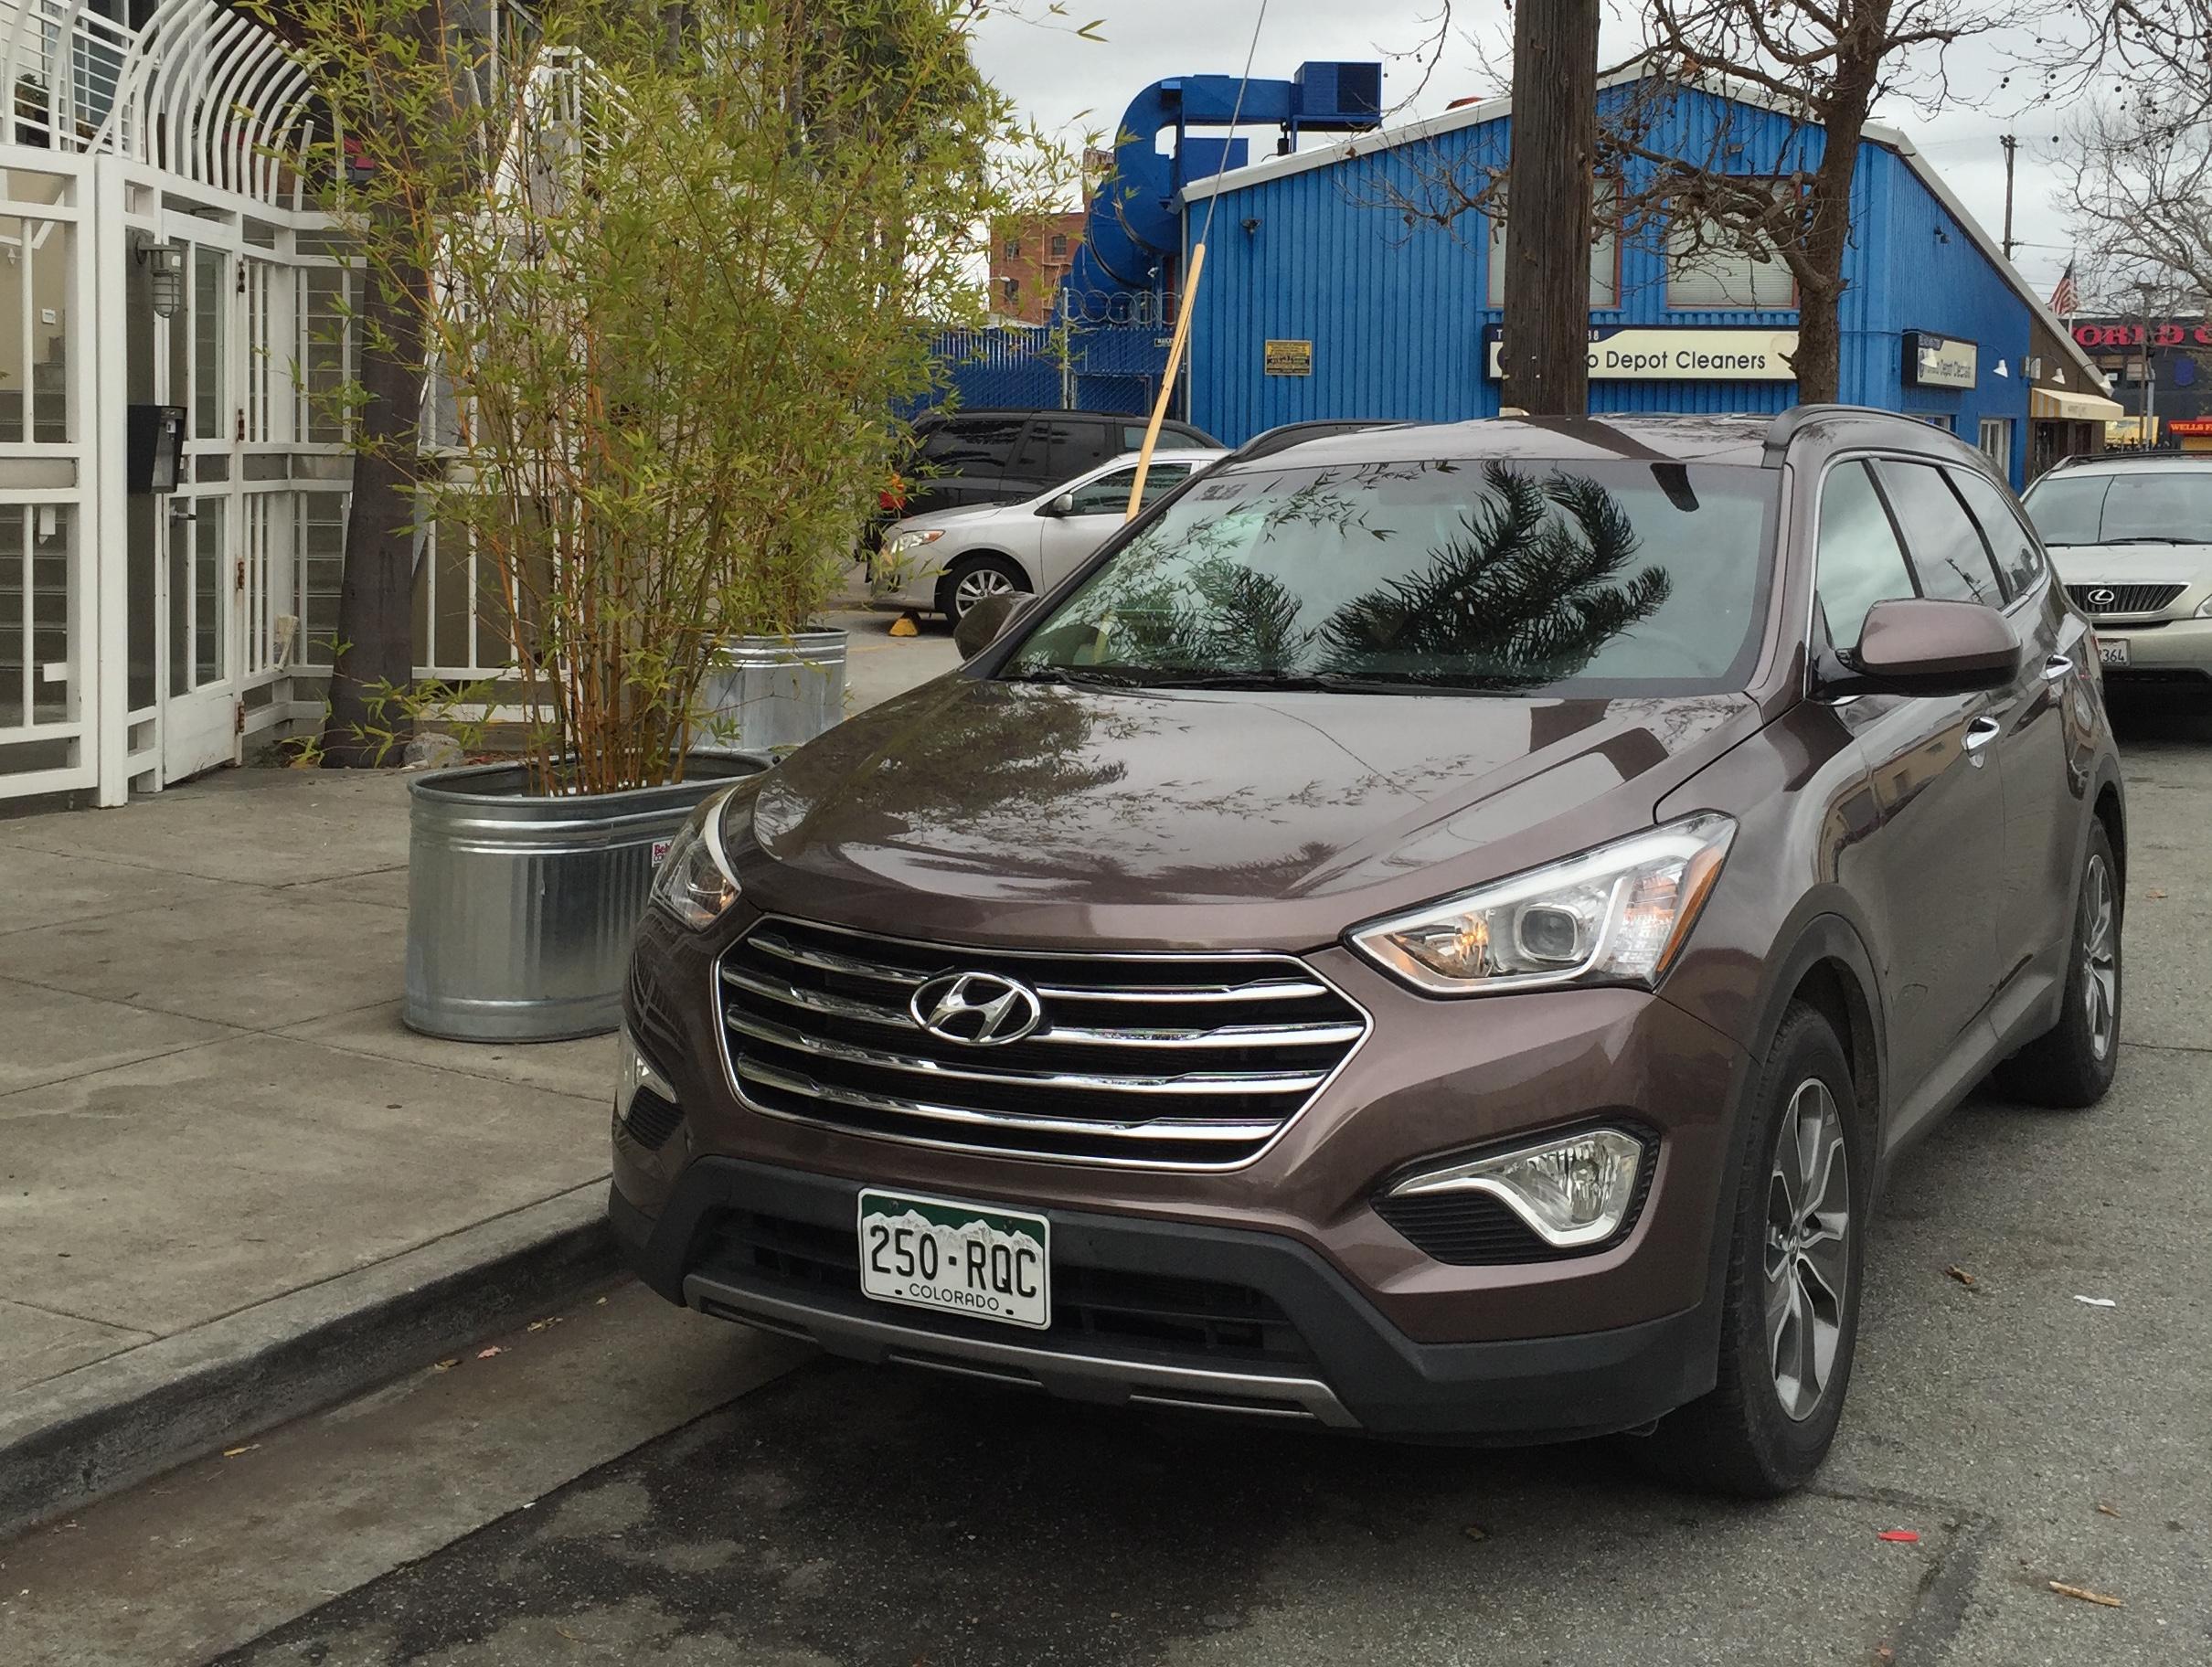 The 2015 Hyundai Santa Fe.